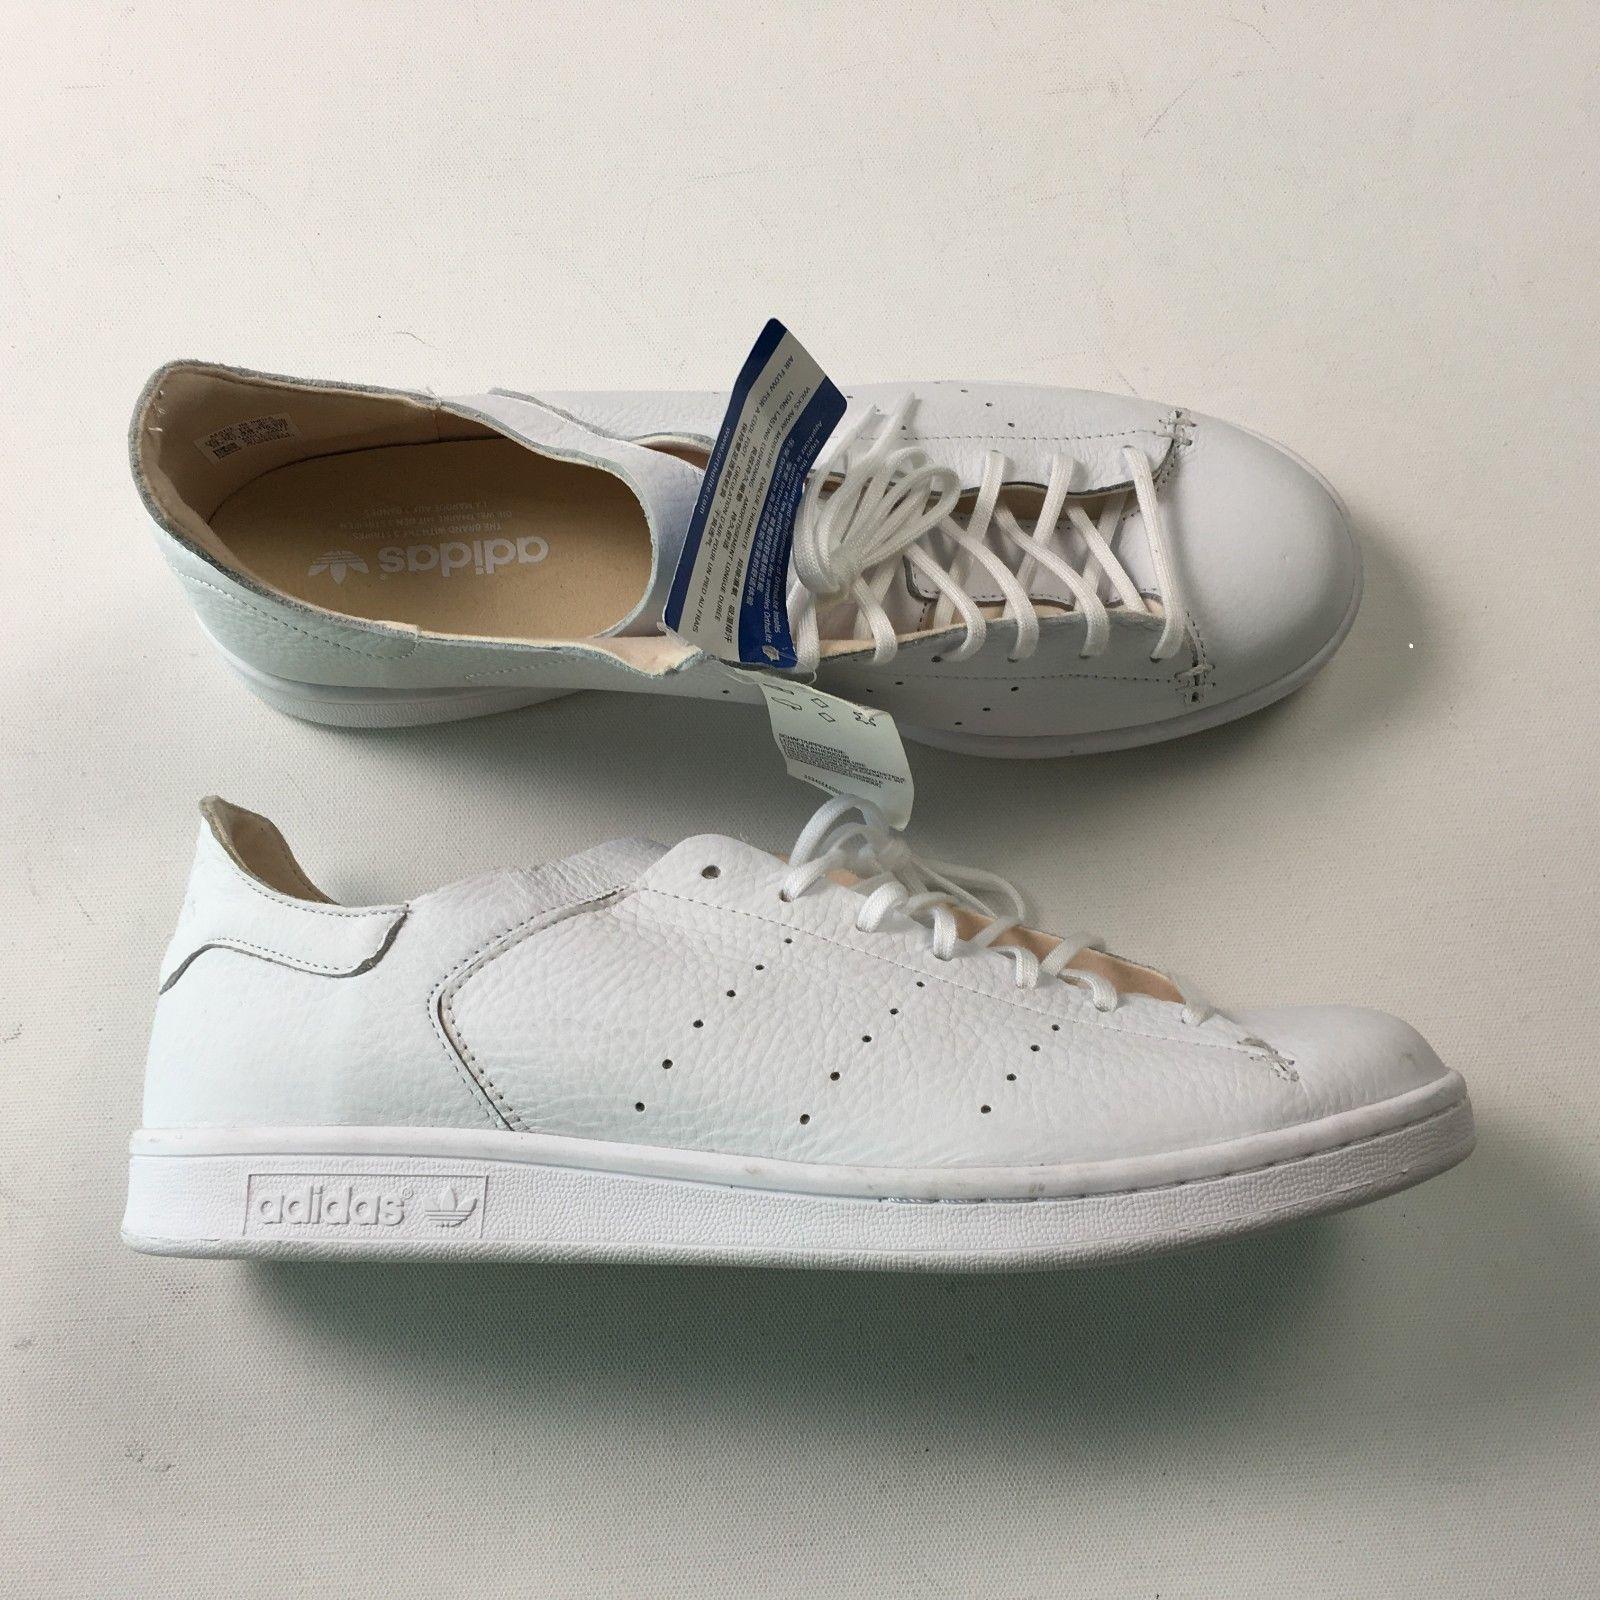 newest 22fda bcc81 ... Adidas Hombre Piel Blanca Zapatillas Zapatos de Diario 13 Stan Smith  Lea ...